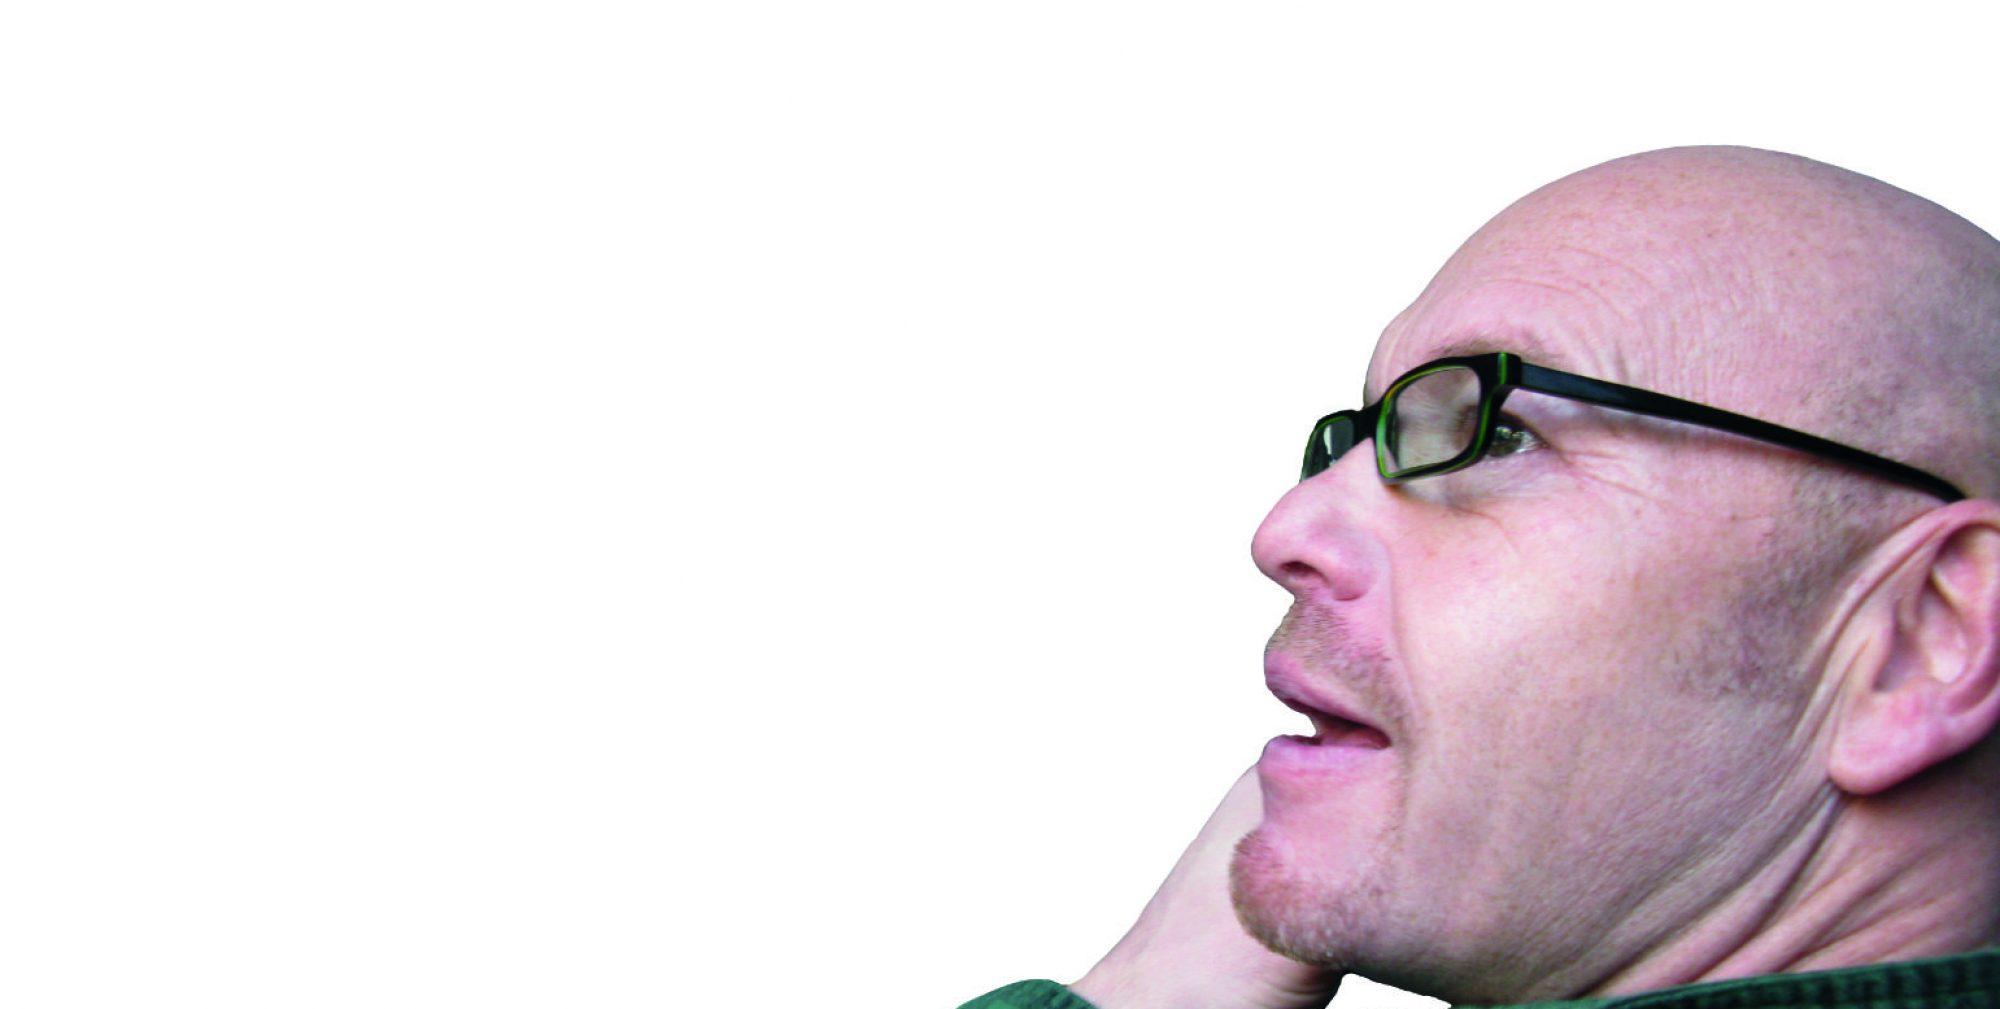 Peter Mohrdieck